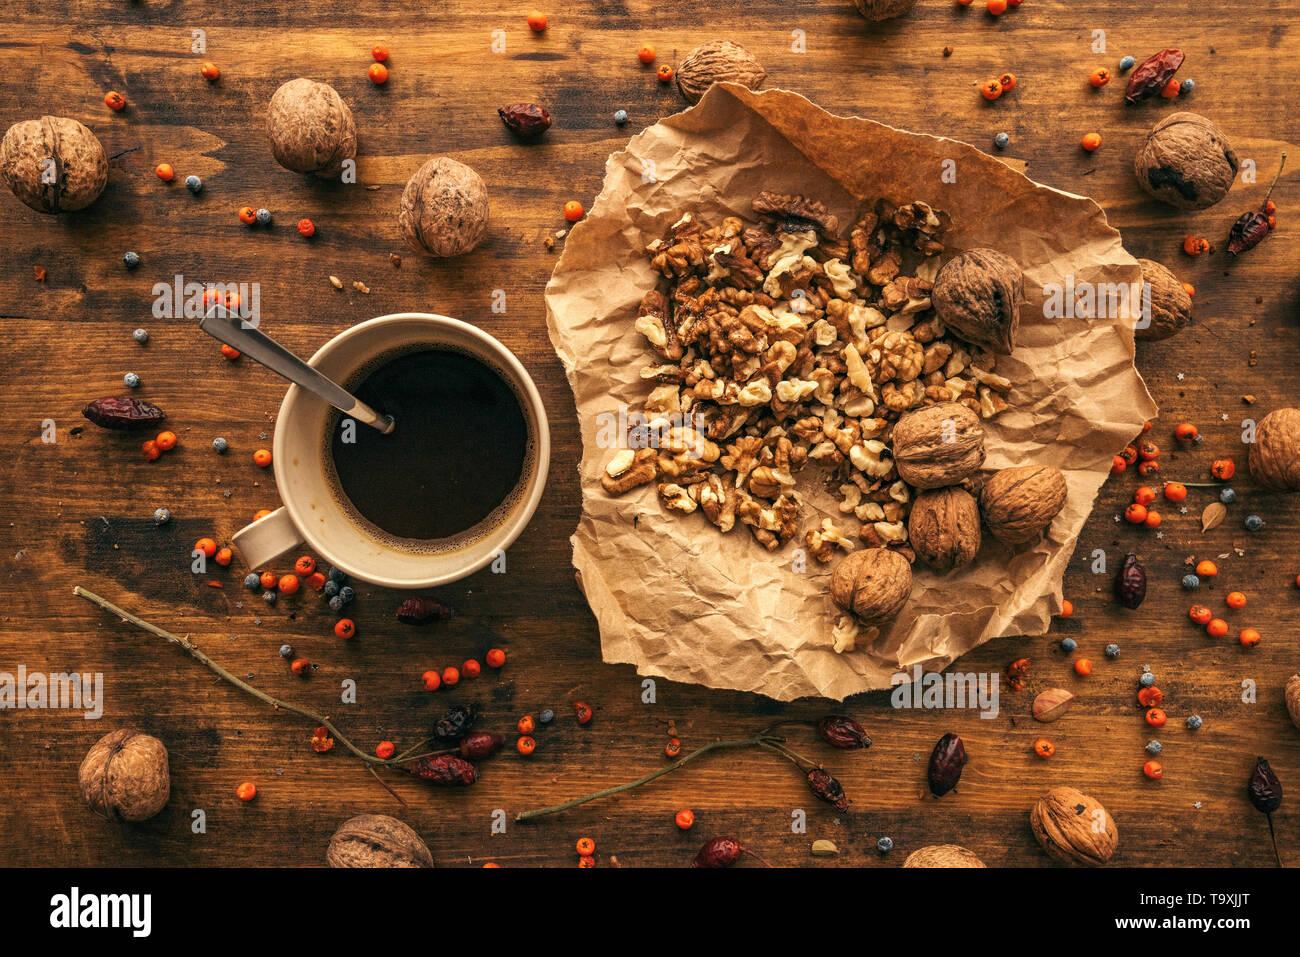 Mature frutta noce e la tazza di caffè sul tavolo, vista dall'alto del sano cibo antiossidante Immagini Stock